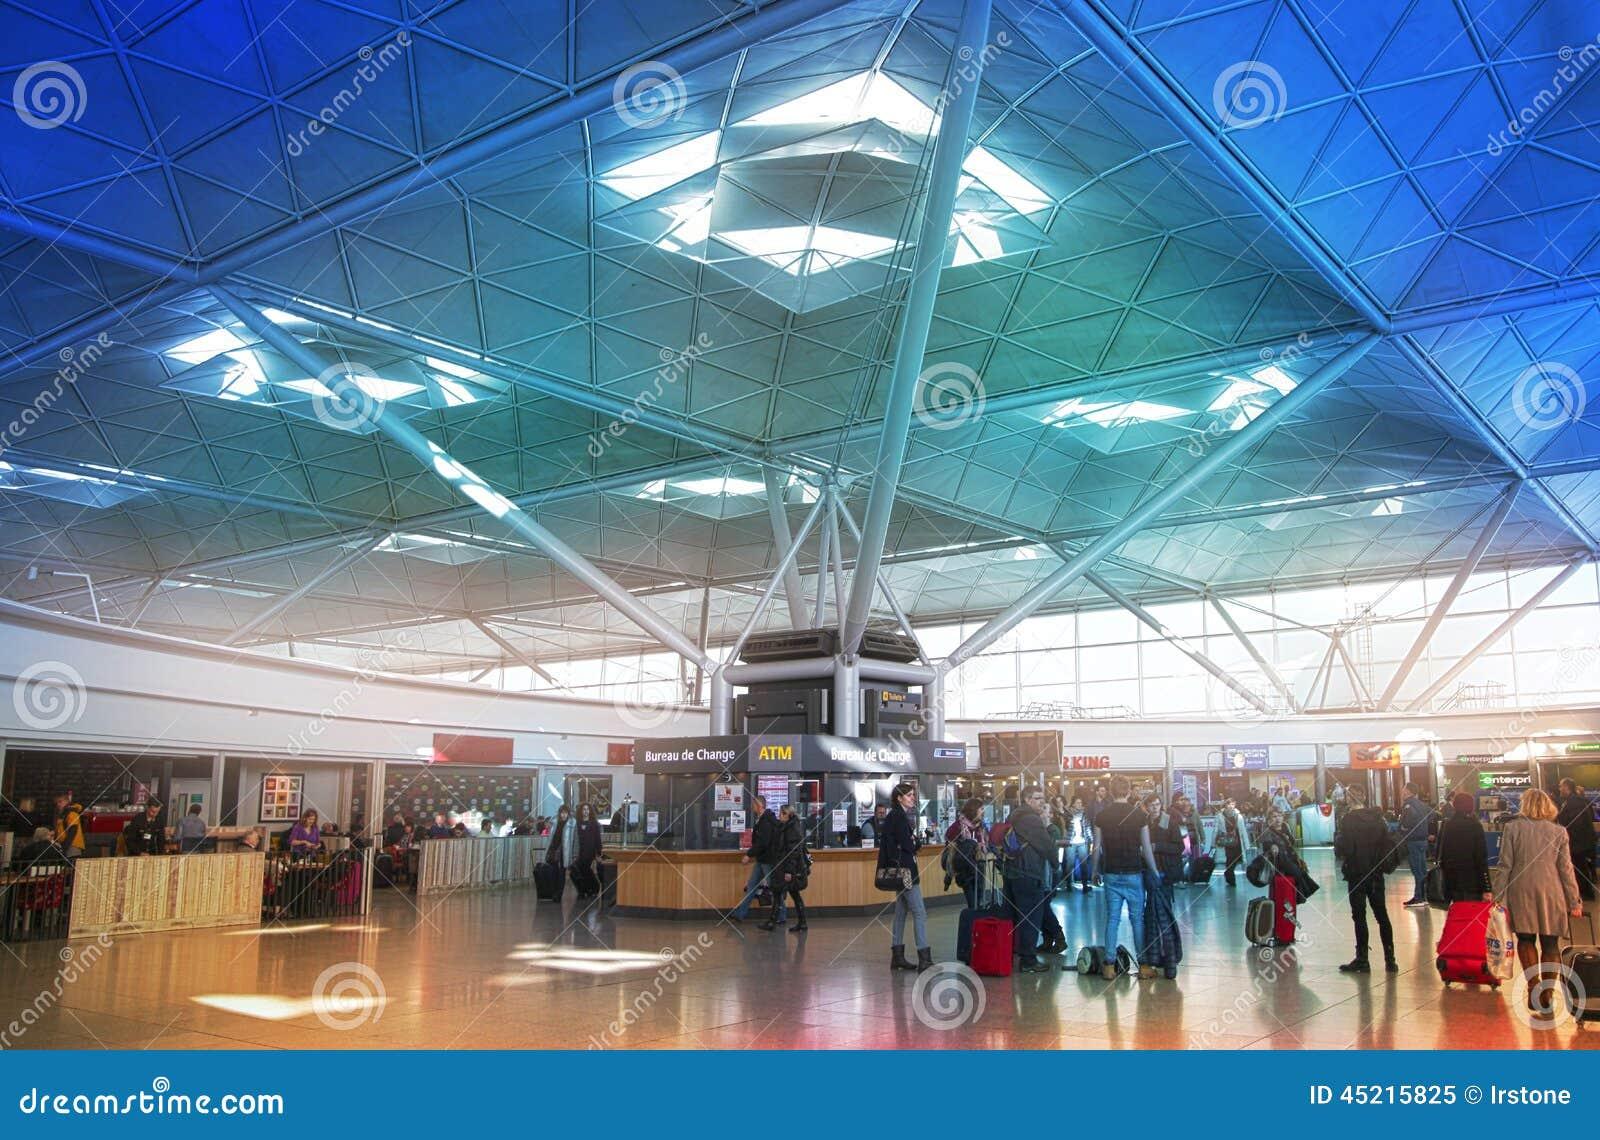 伦敦斯坦斯特德机场,英国- 2014年3月23日:机场离开唱腔的乘客,等待由问讯处,看o